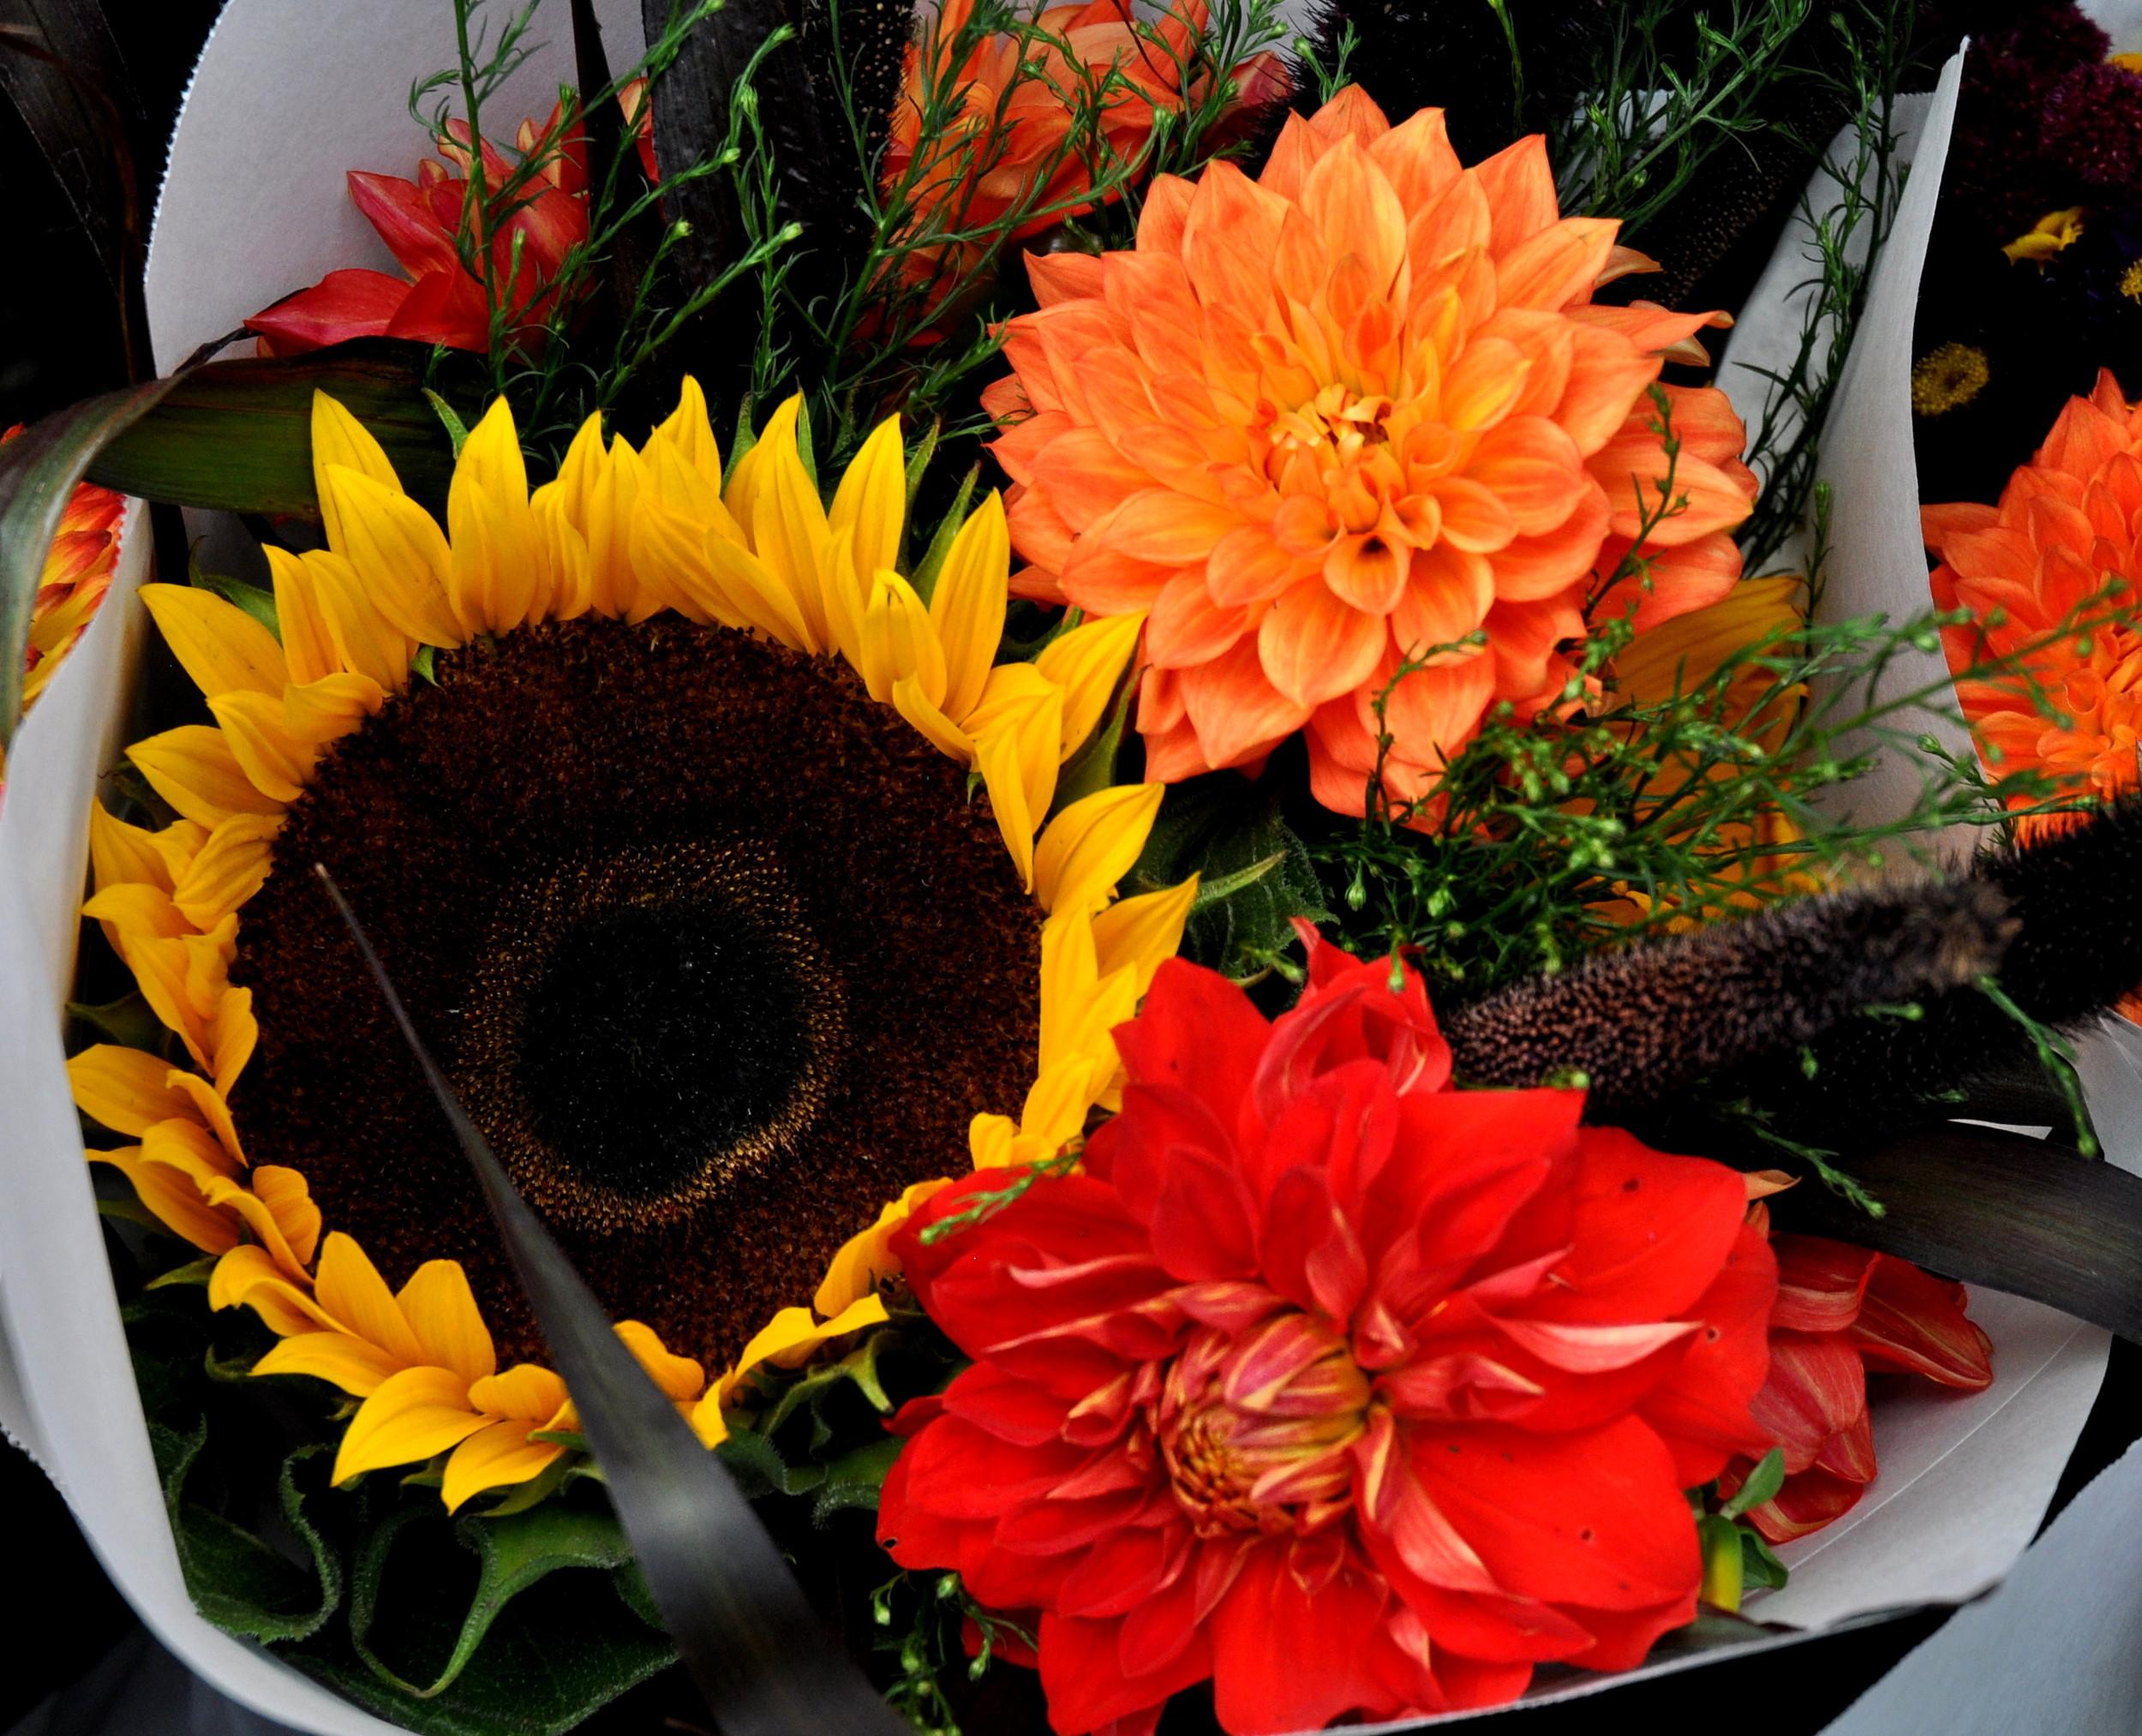 Late summer flower bouquet from Pa Garden at Ballard Farmers Market. Copyright Zachary D. Lyons.